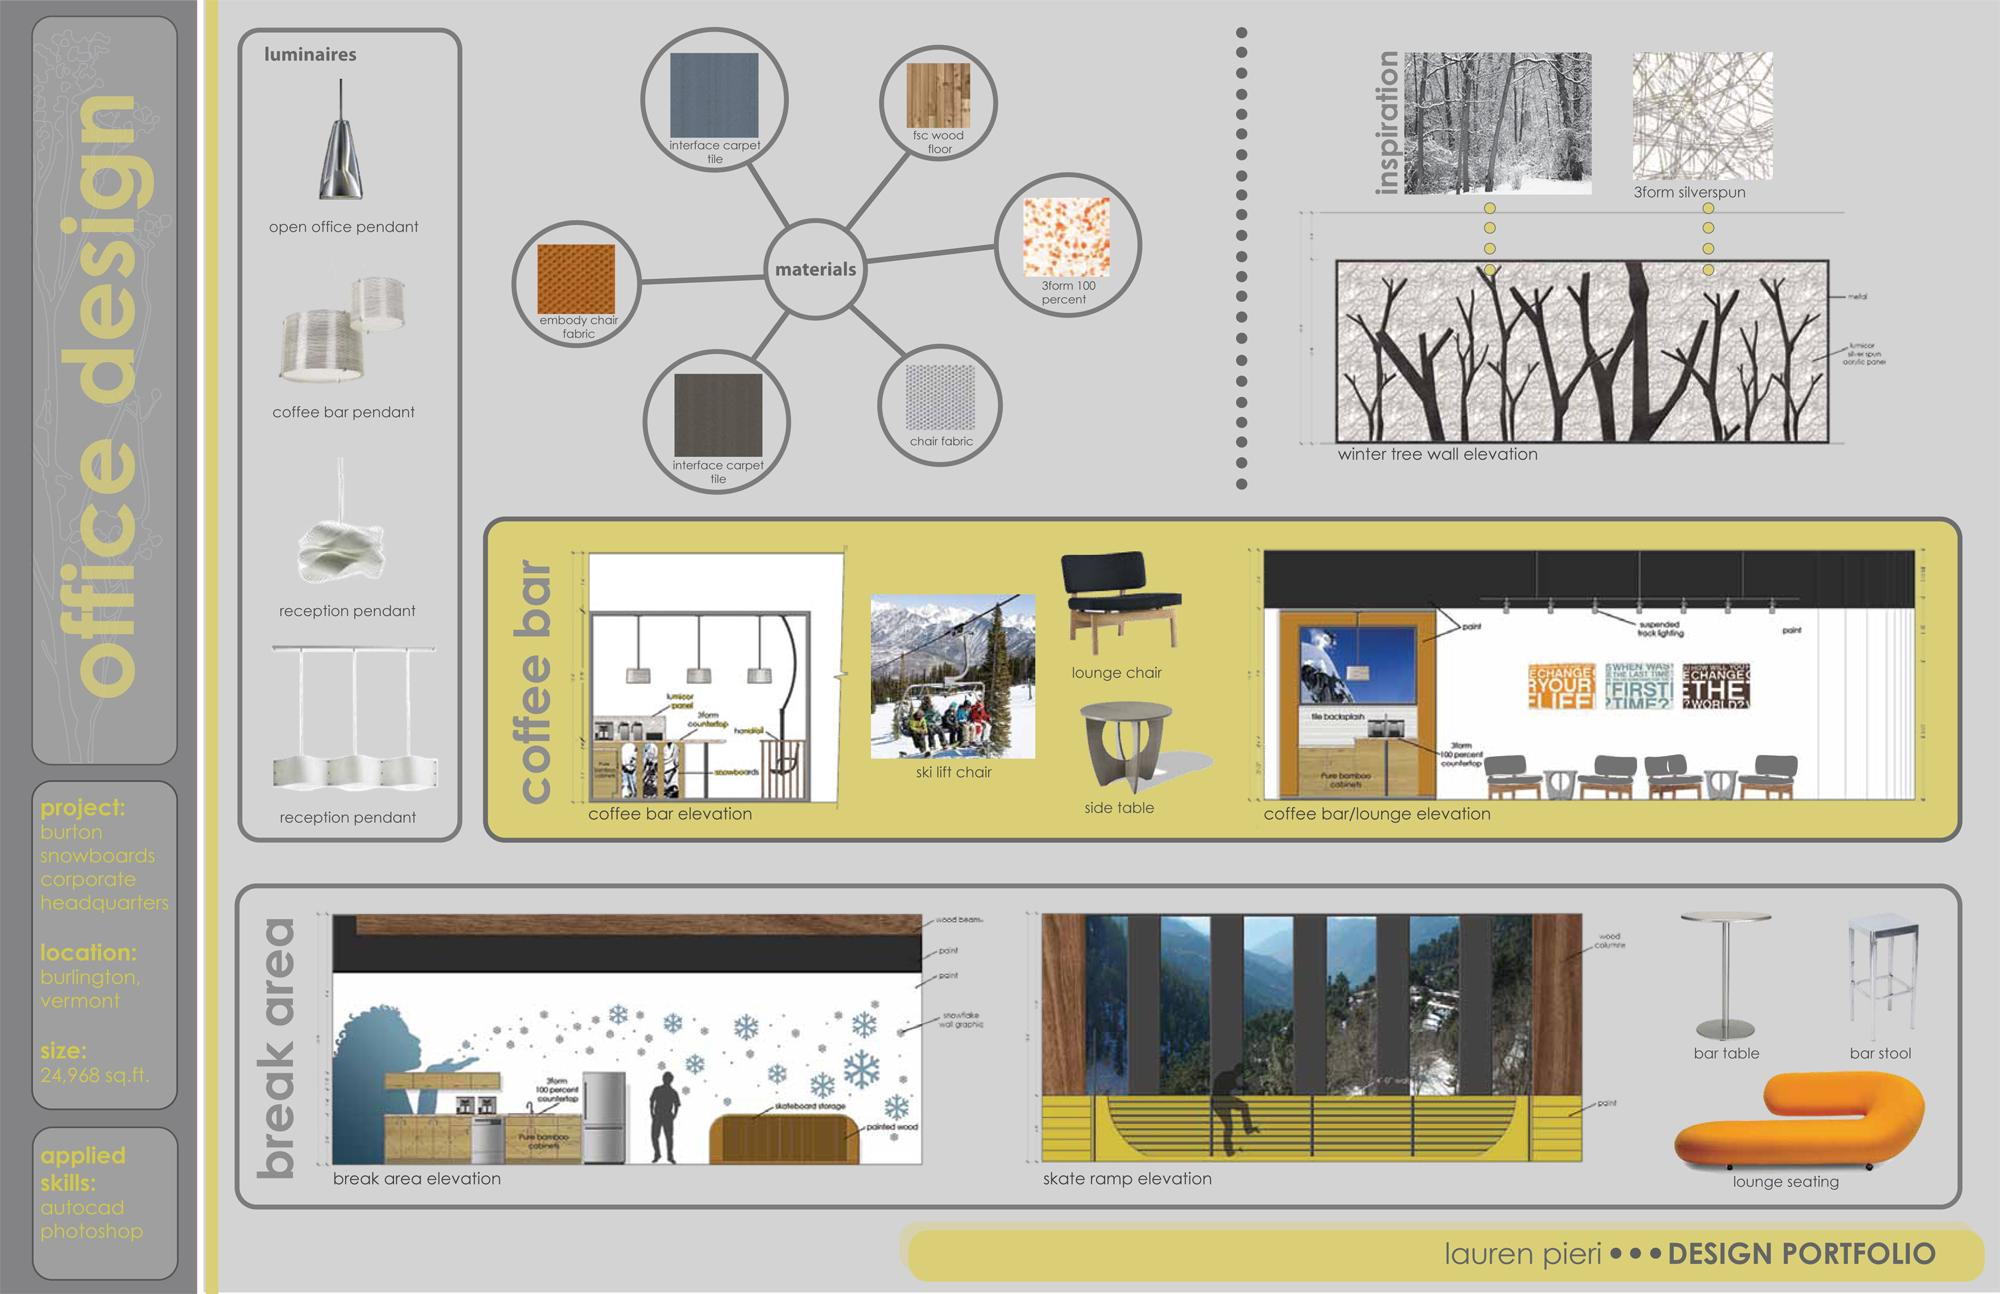 Purdue Interior Design Portfolio Lauren Pieri Archinect